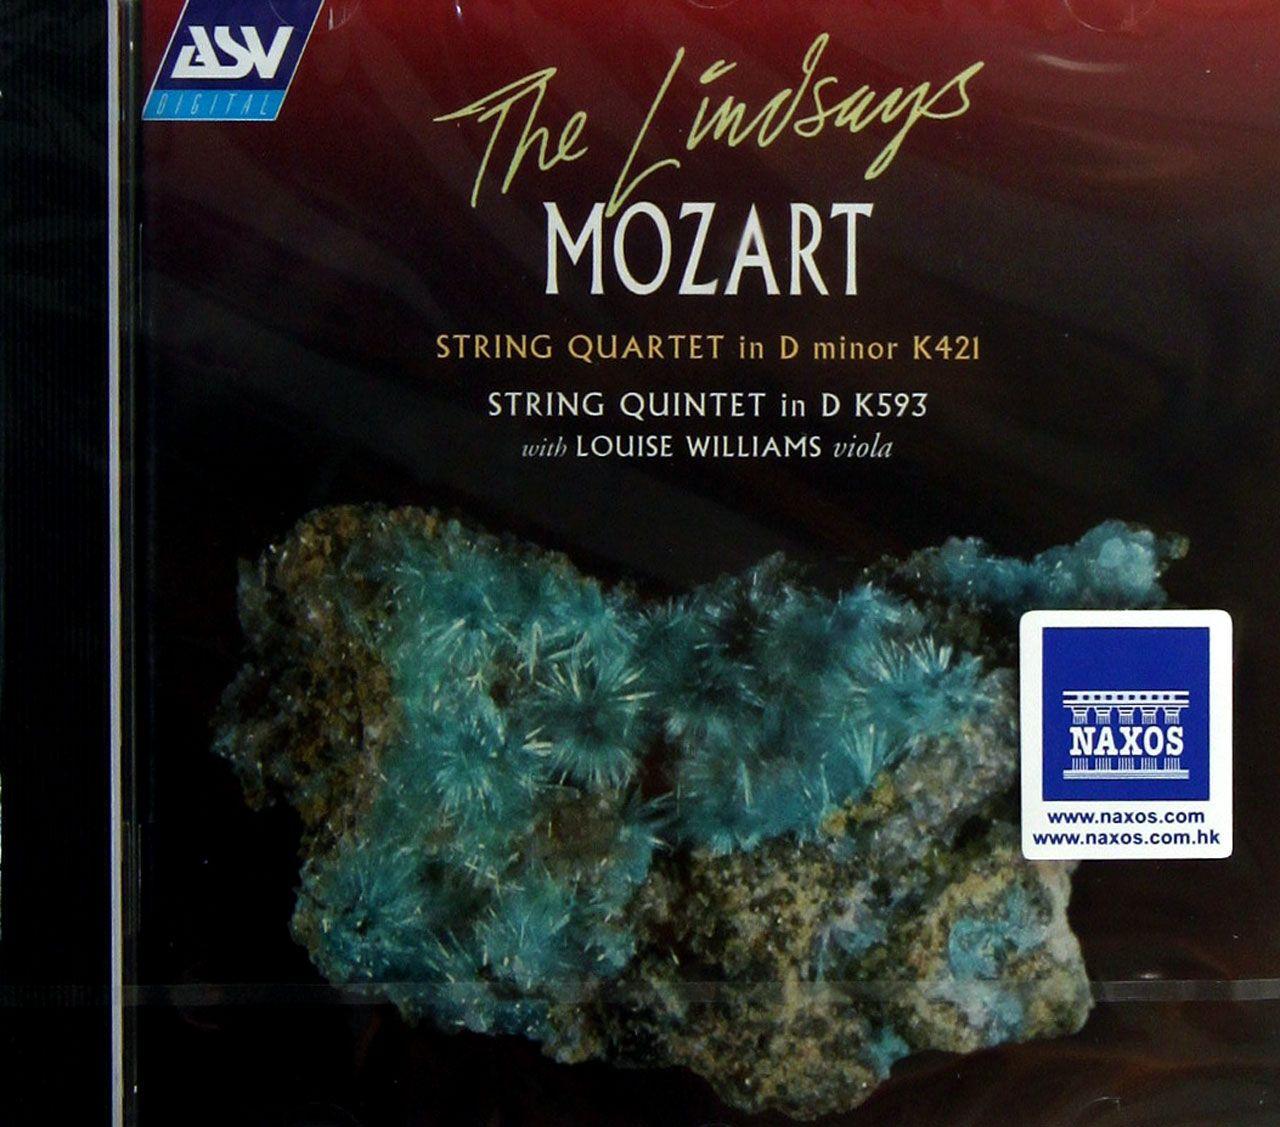 cd莫扎特弦乐四重奏弦乐五重奏